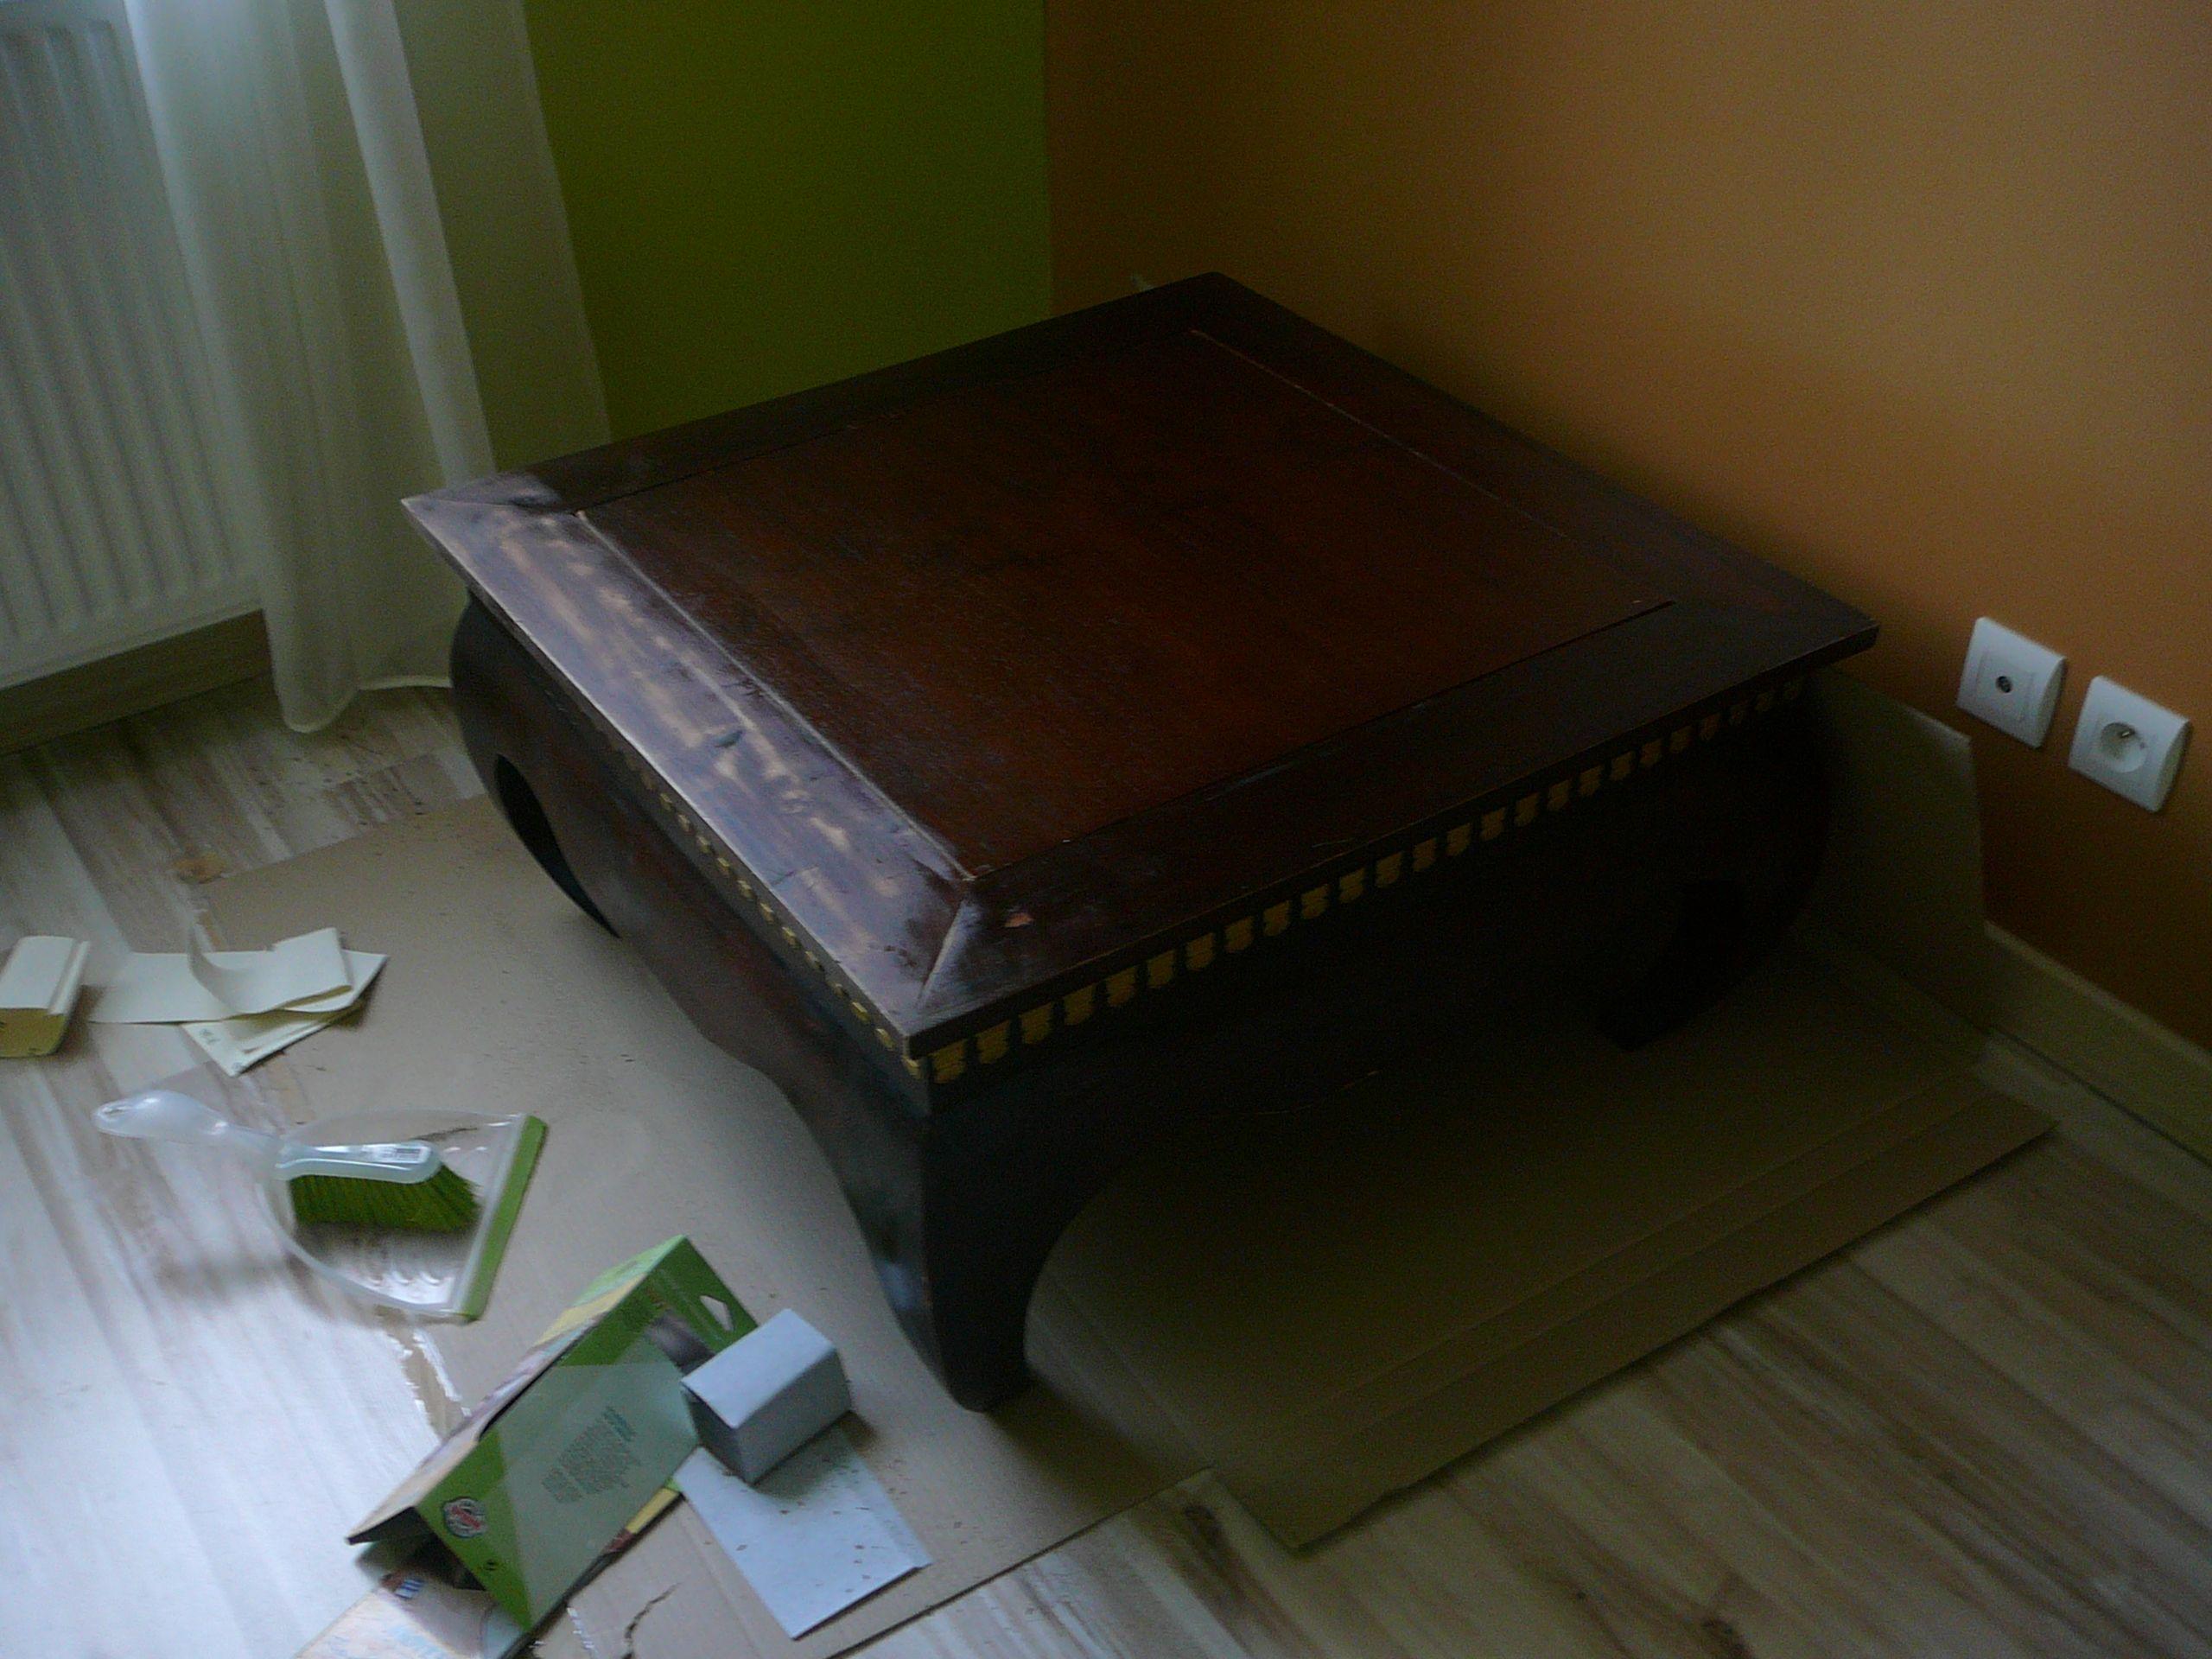 cdd436dd5922641488e43fdc157cb9d0 Impressionnant De Table Basse Opium Conception